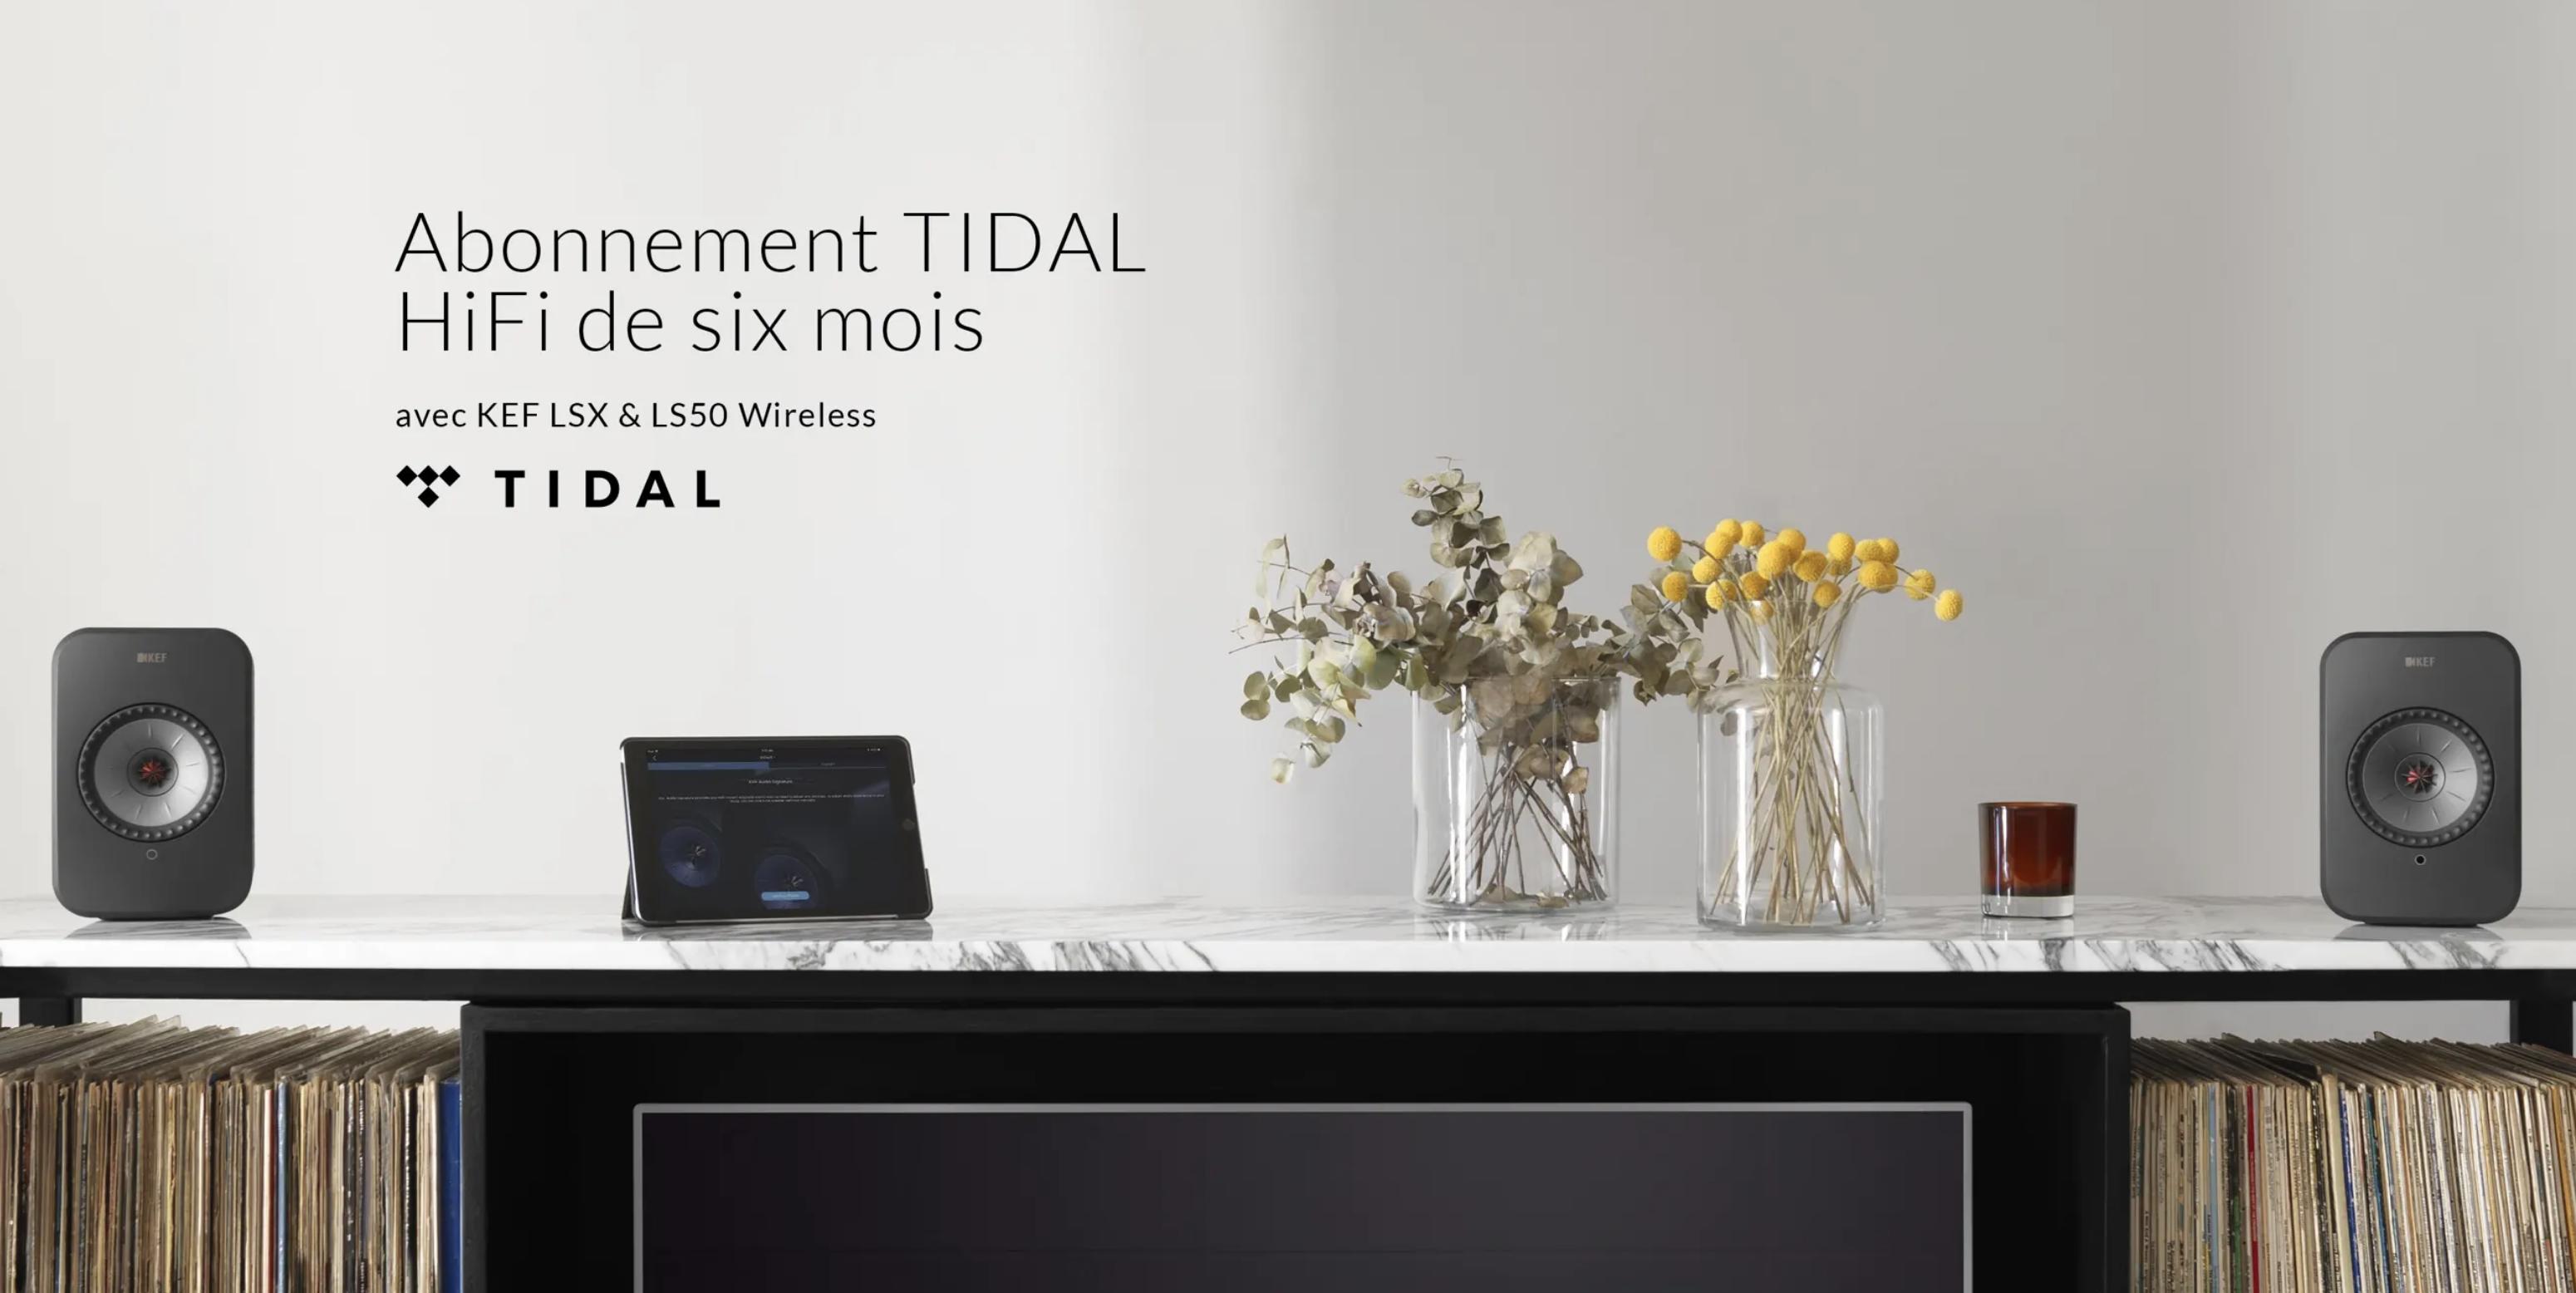 Abonnement Tidal